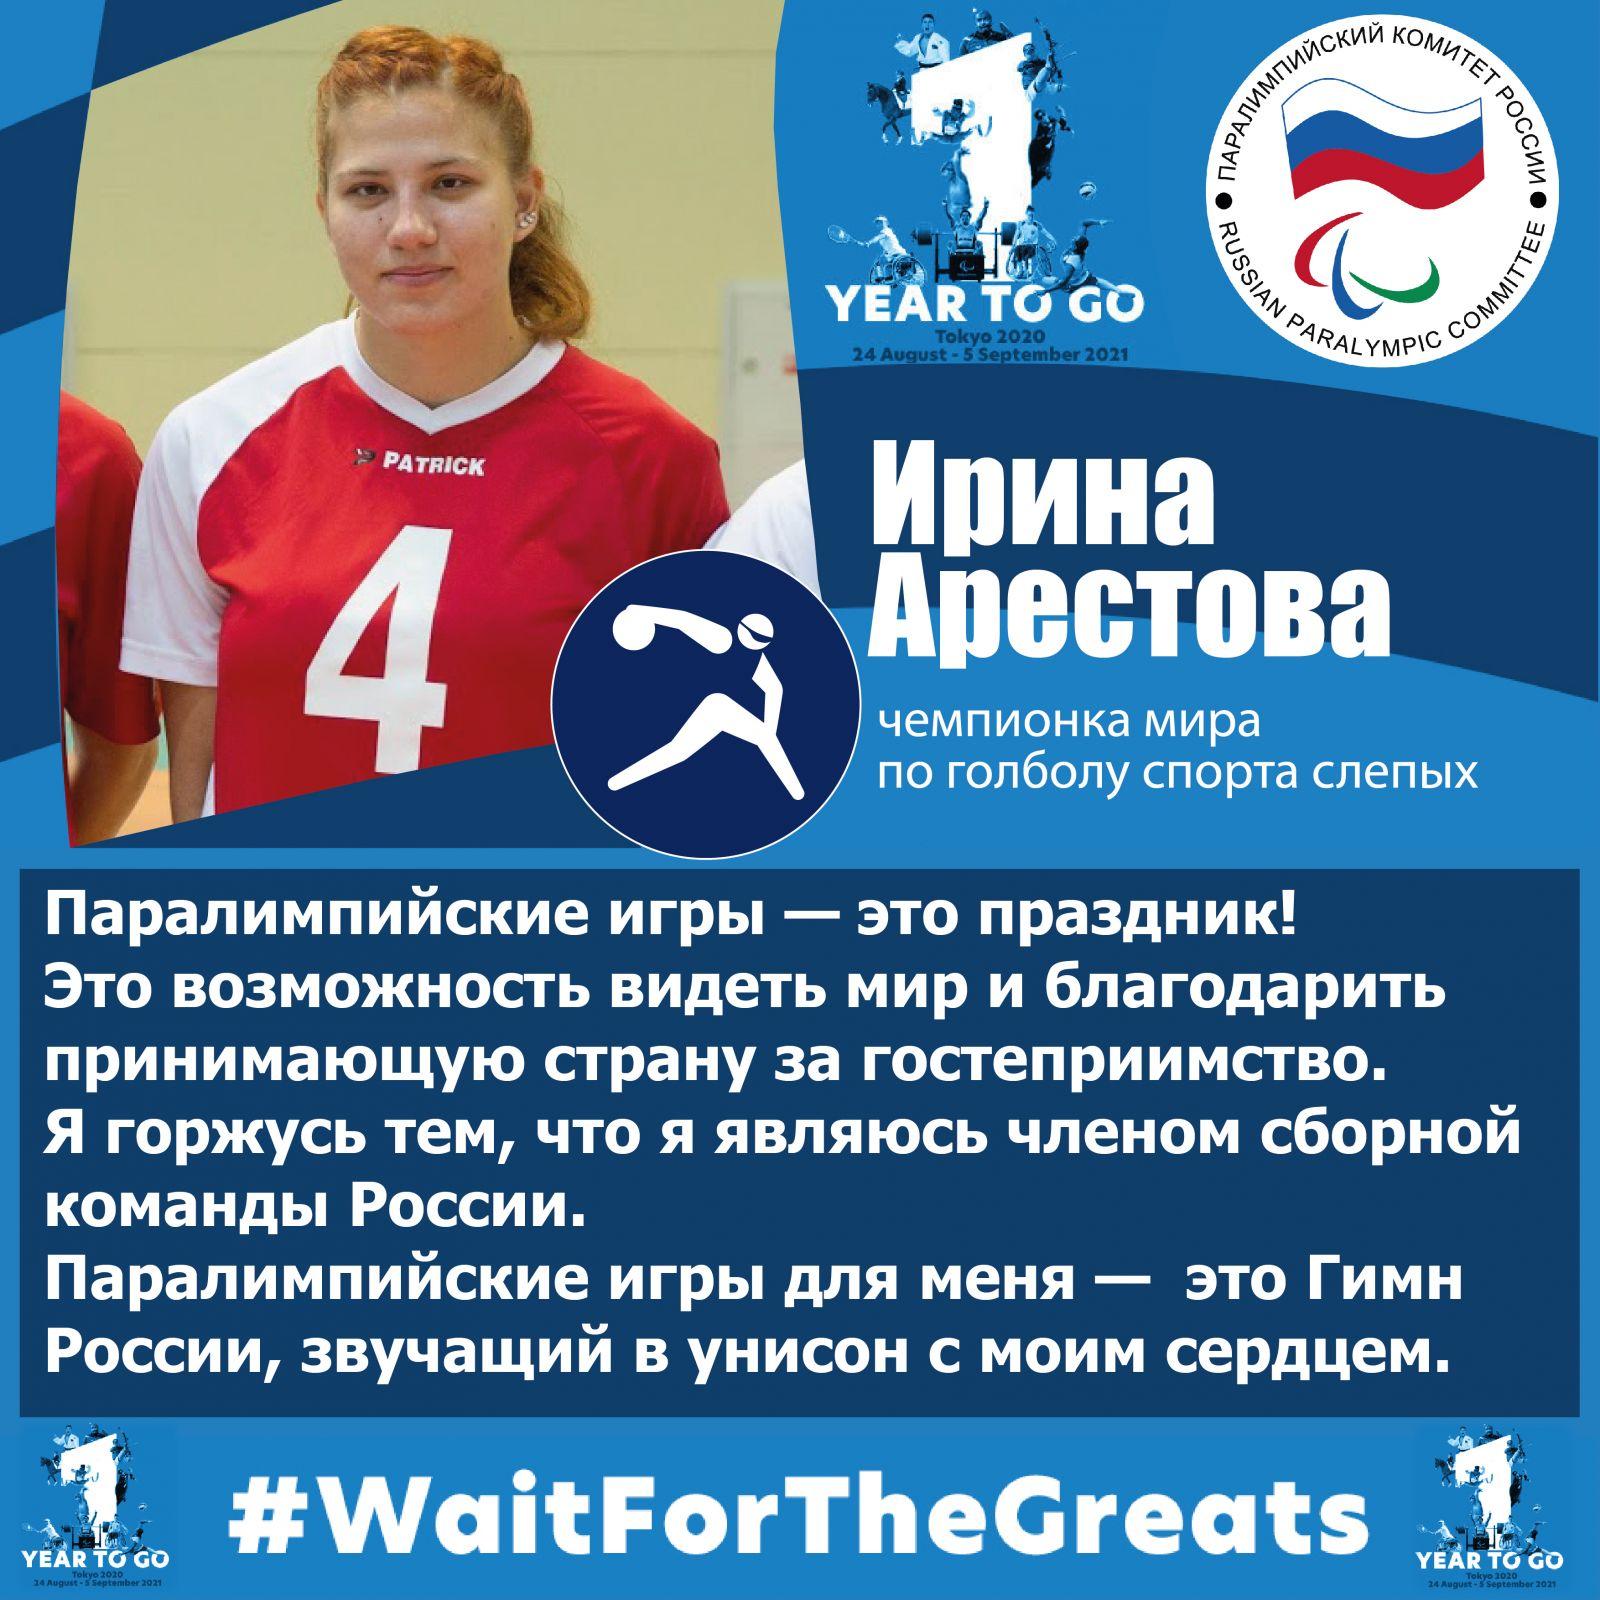 И. Арестова: Паралимпийские игры — это праздник! Это возможность видеть мир и благодарить принимающую страну за гостеприимство. Я горжусь тем, что я являюсь членом сборной команды России.